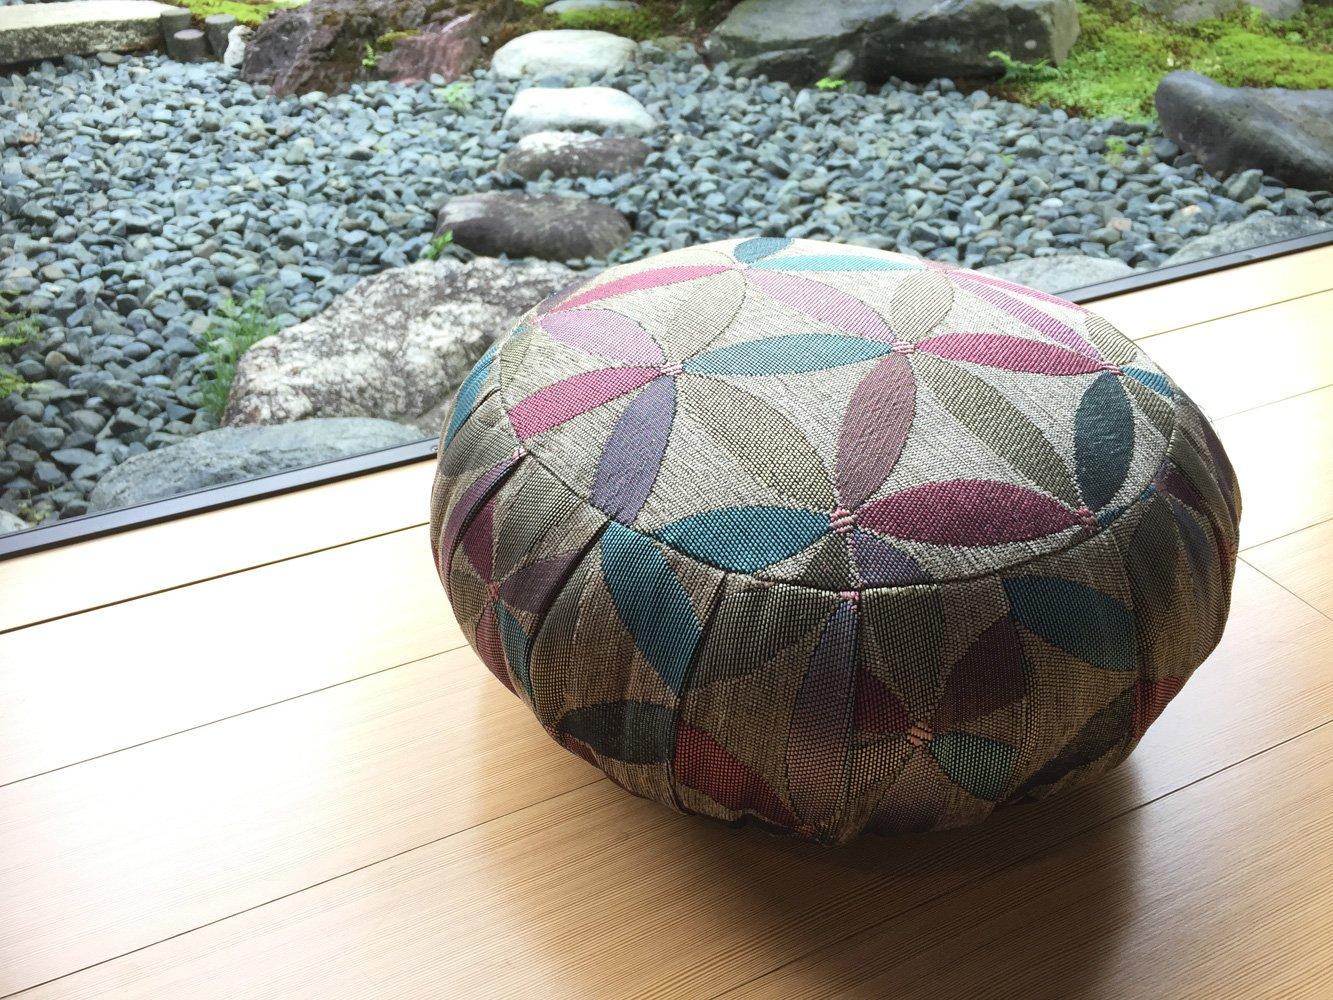 ヨガ座布団、yogaクッション 「瞑想の座禅座布団兼用」日本製30cm, グレー(花) B01MRV3ZZR 30cm|グレー(花) グレー(花) 30cm